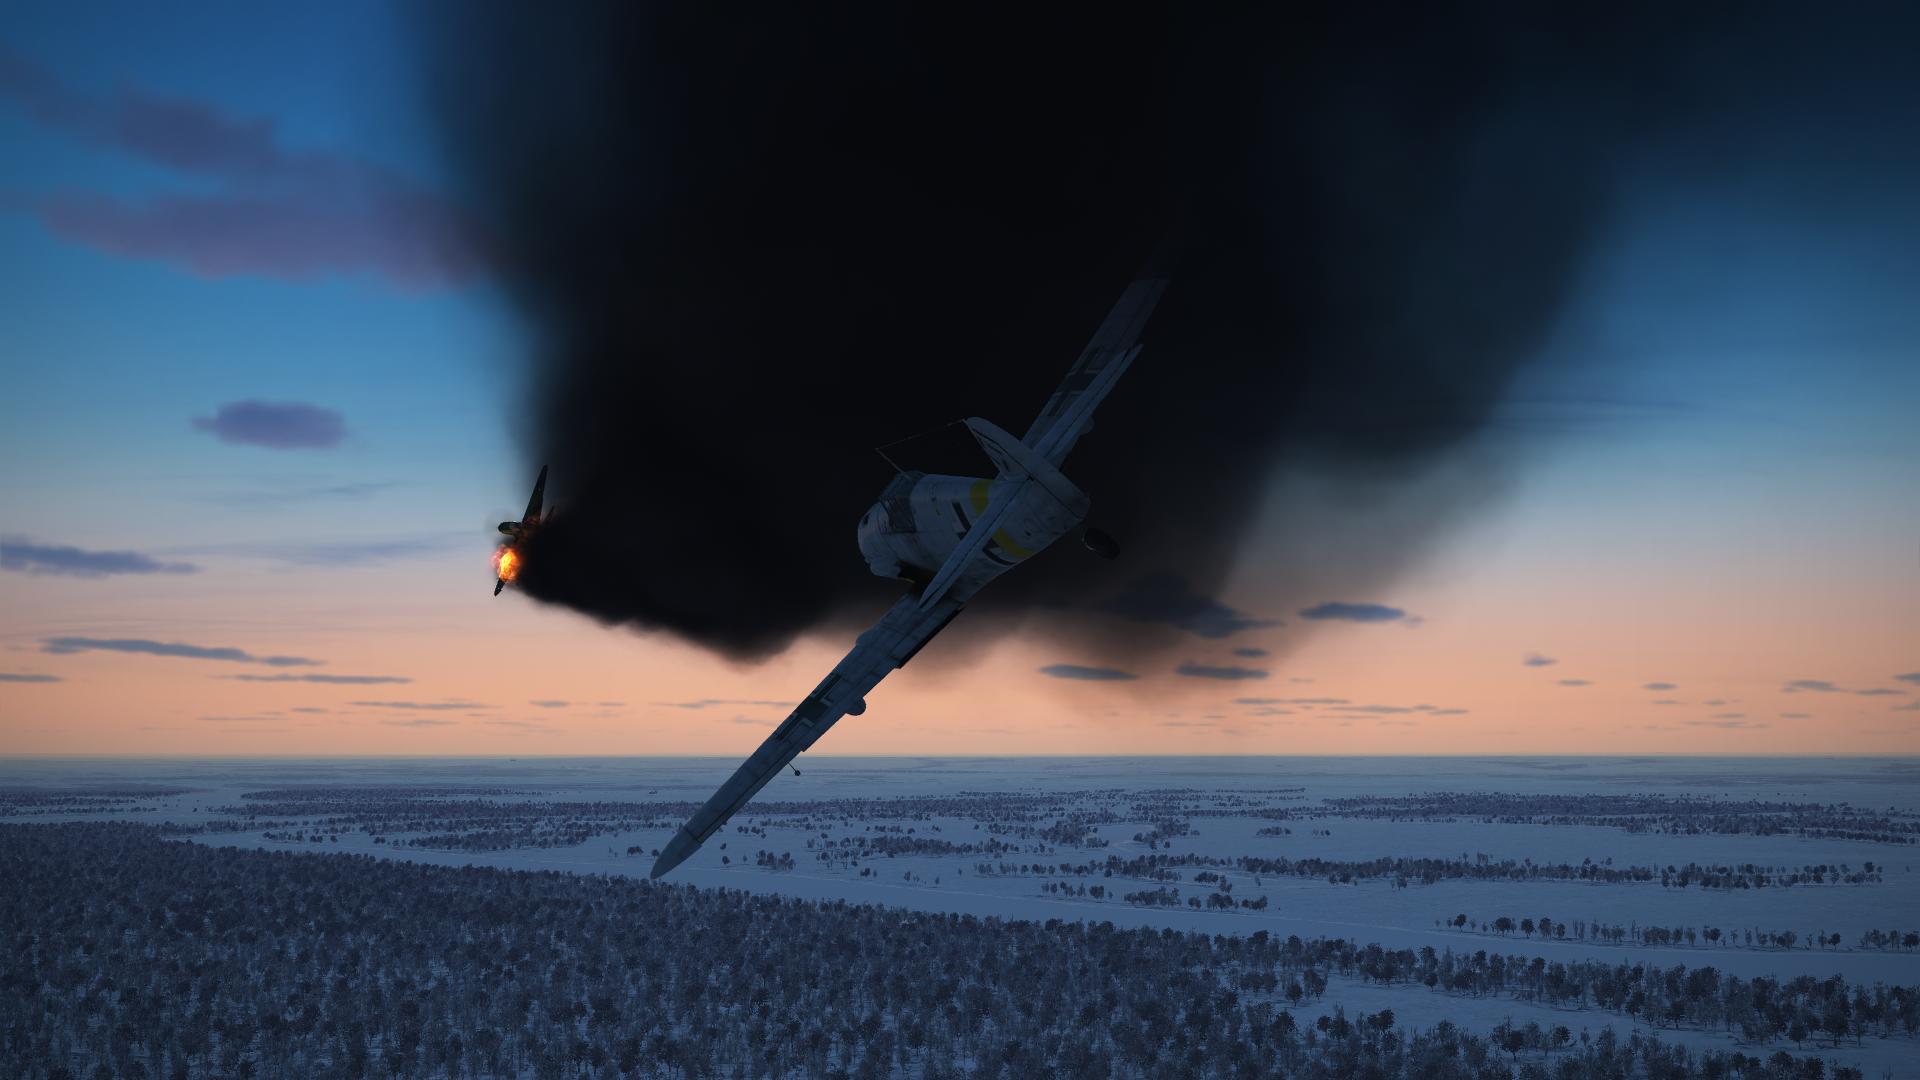 IL-2 Sturmovik Battle of Stalingrad Screenshot 2020.04.26 - 12.25.38.90.png